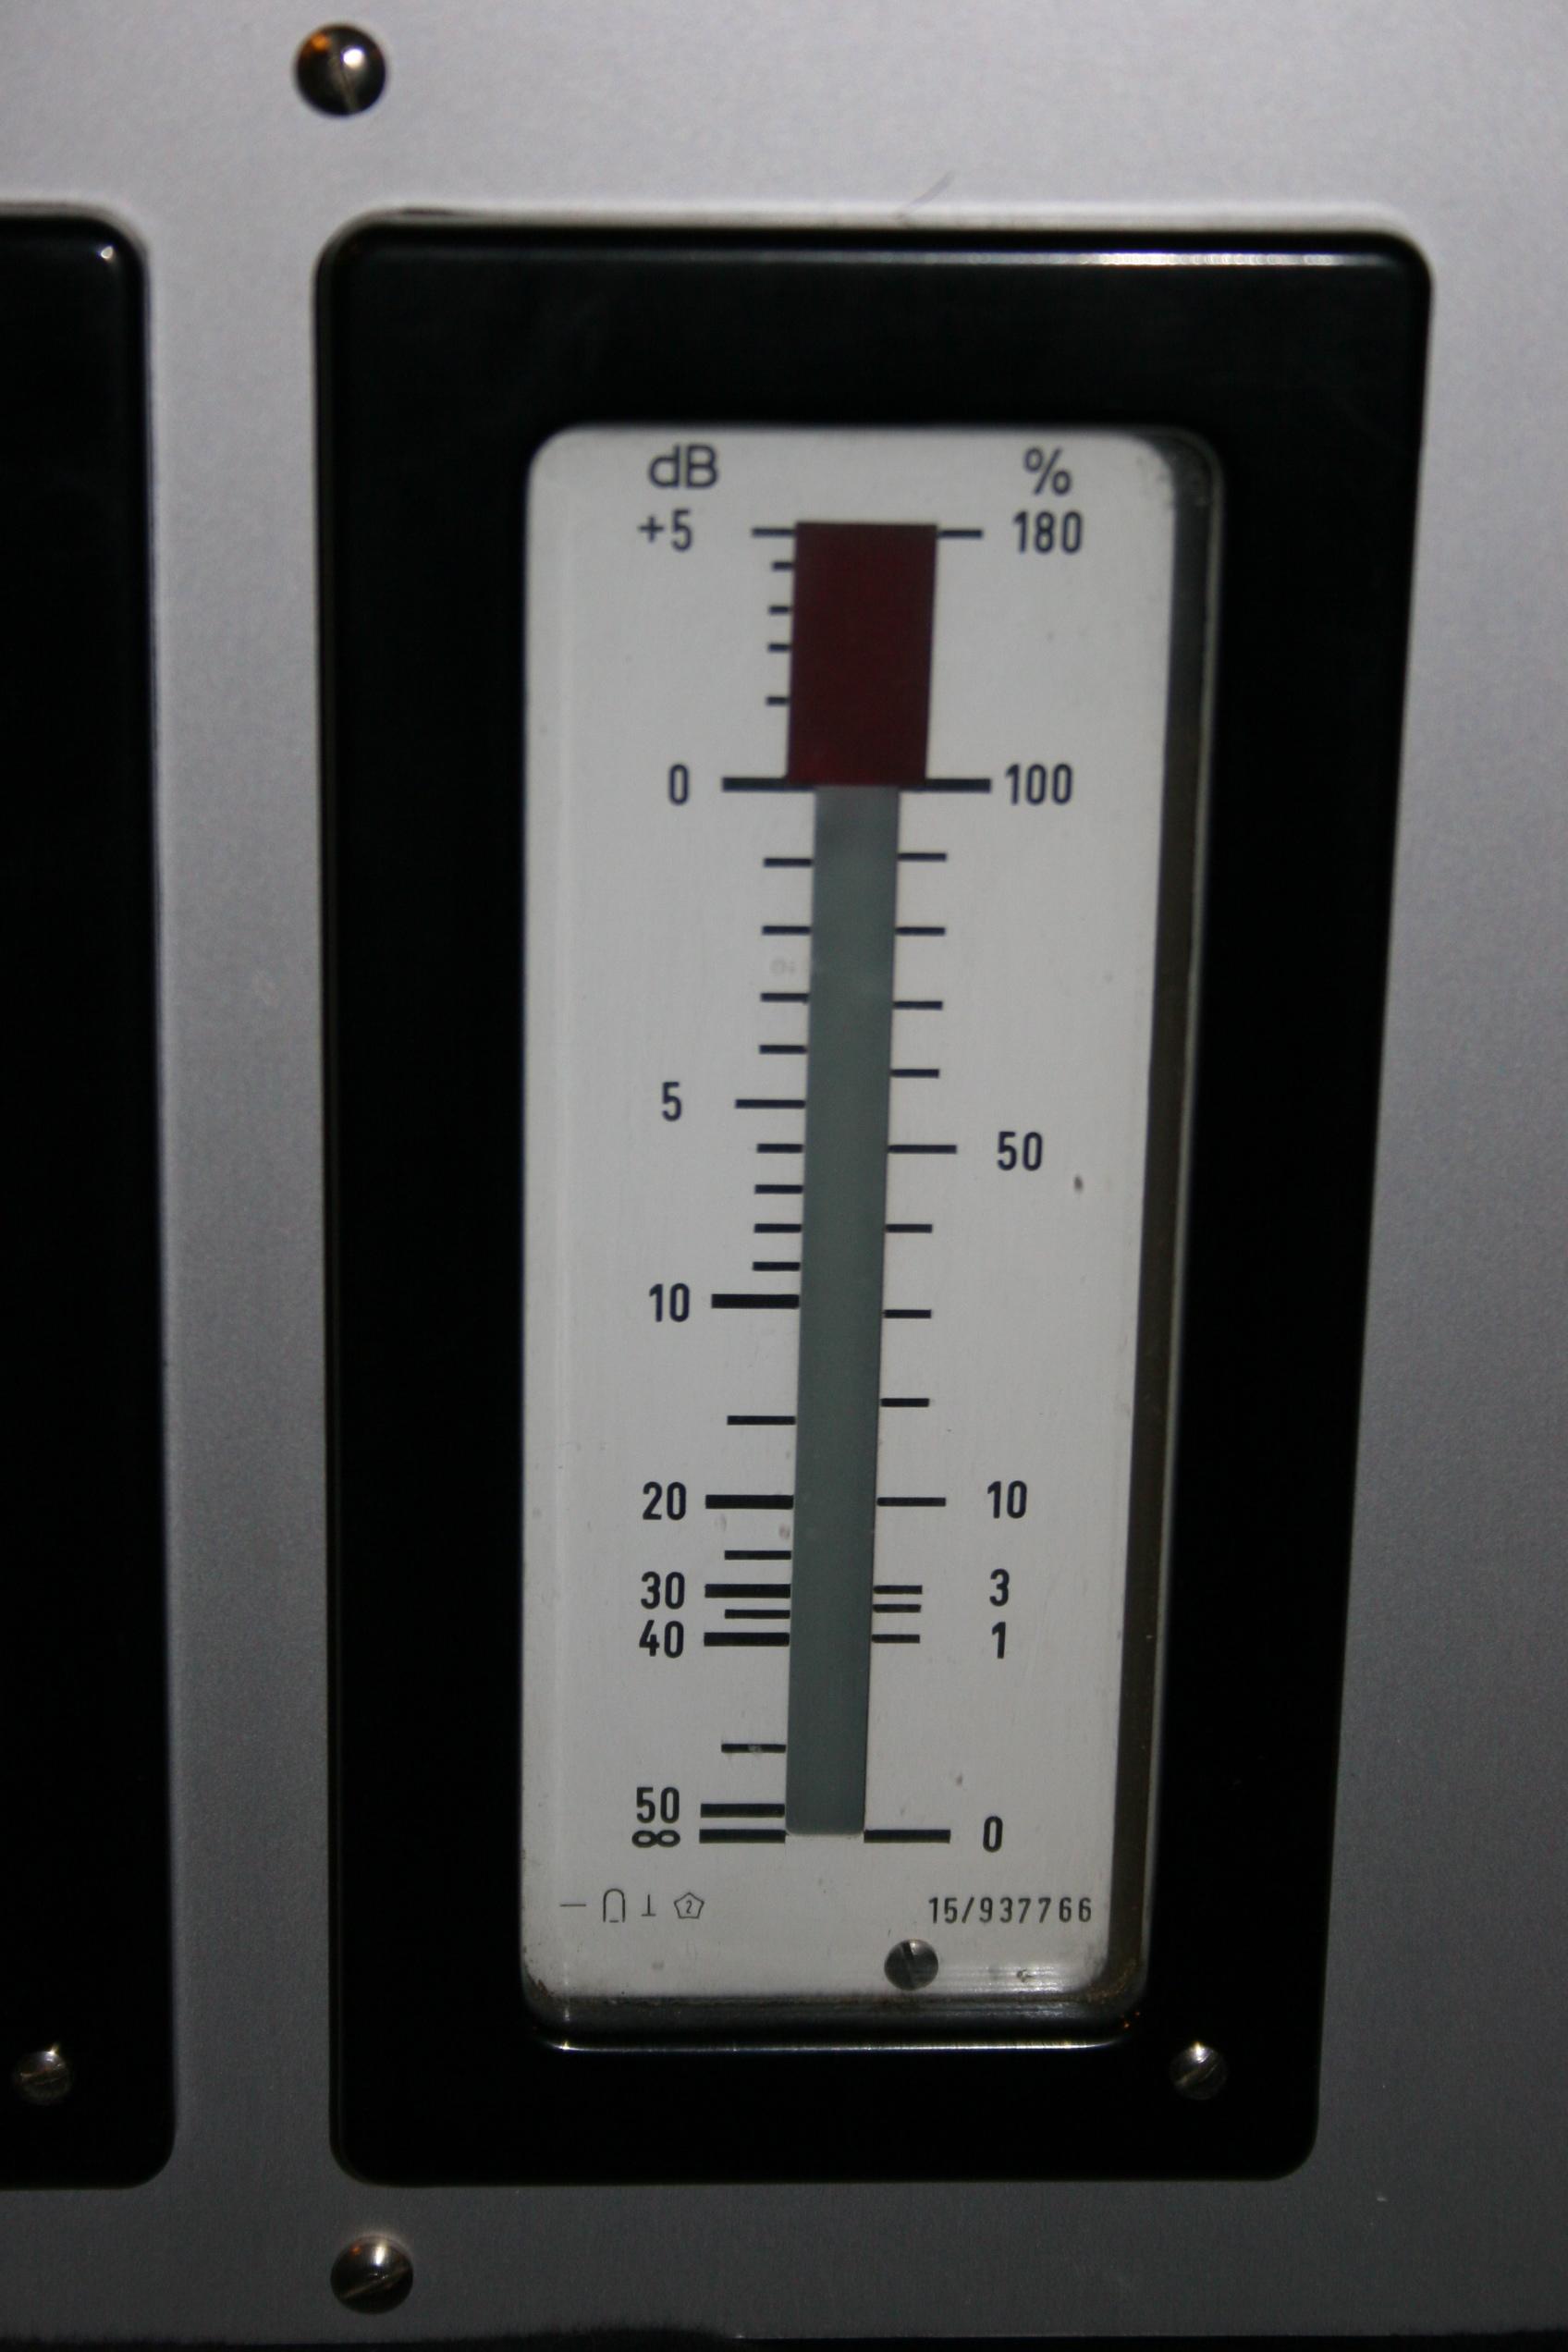 Telefunken Tab Cathode Ray Tube Vu Meters Gearslutz Meter 1